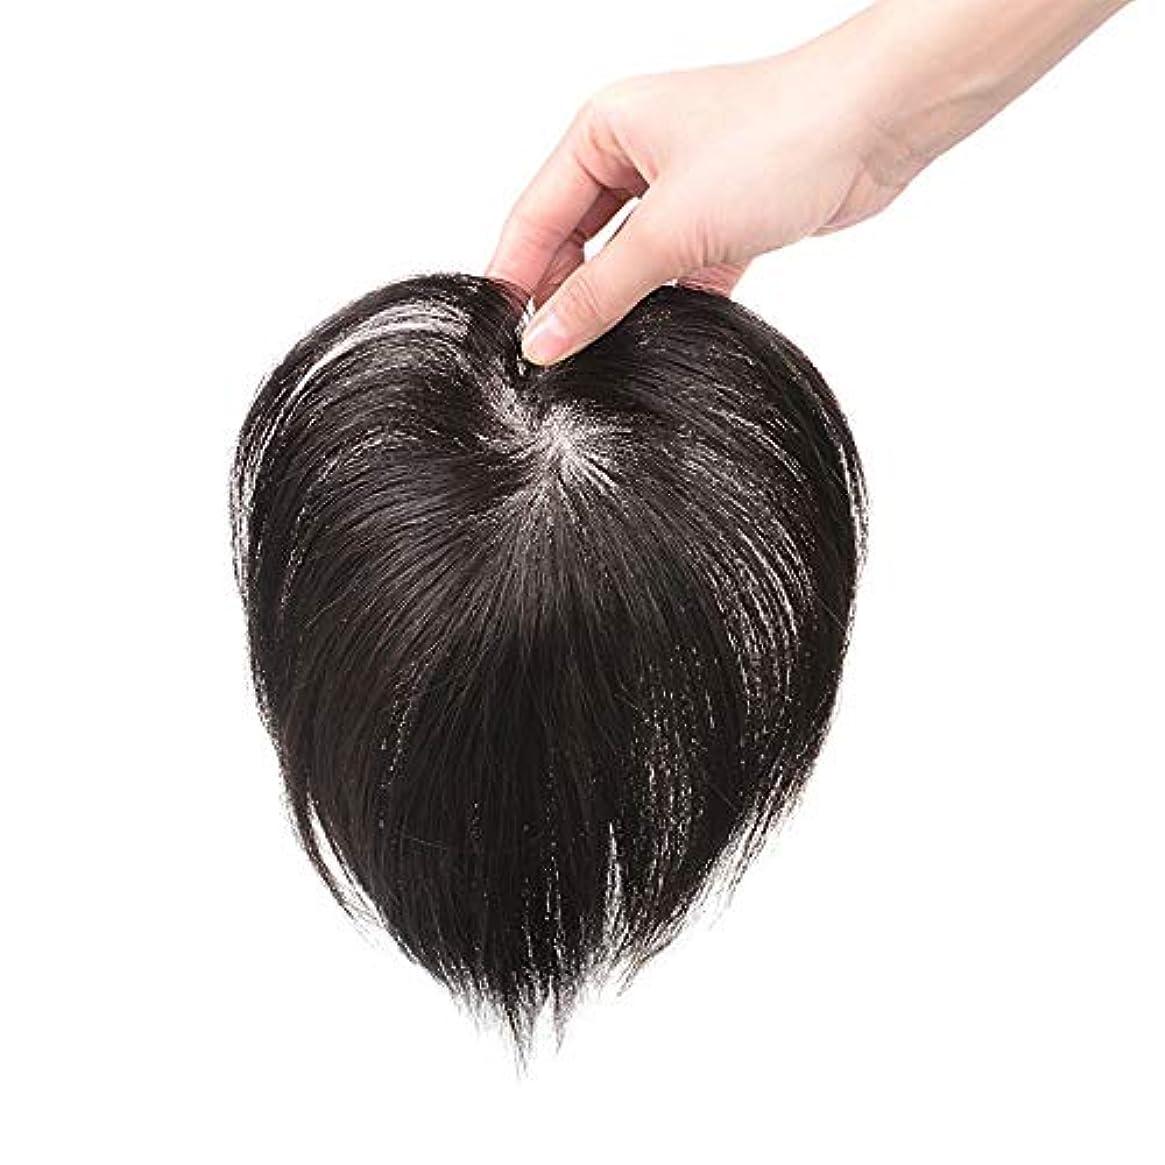 野望感嘆符くつろぎYESONEEP 女性の快適な薄いパーティーかつらのための100%本物の髪ストレートヘアウィッグのクリップ (色 : [7x10] 35cm dark brown)